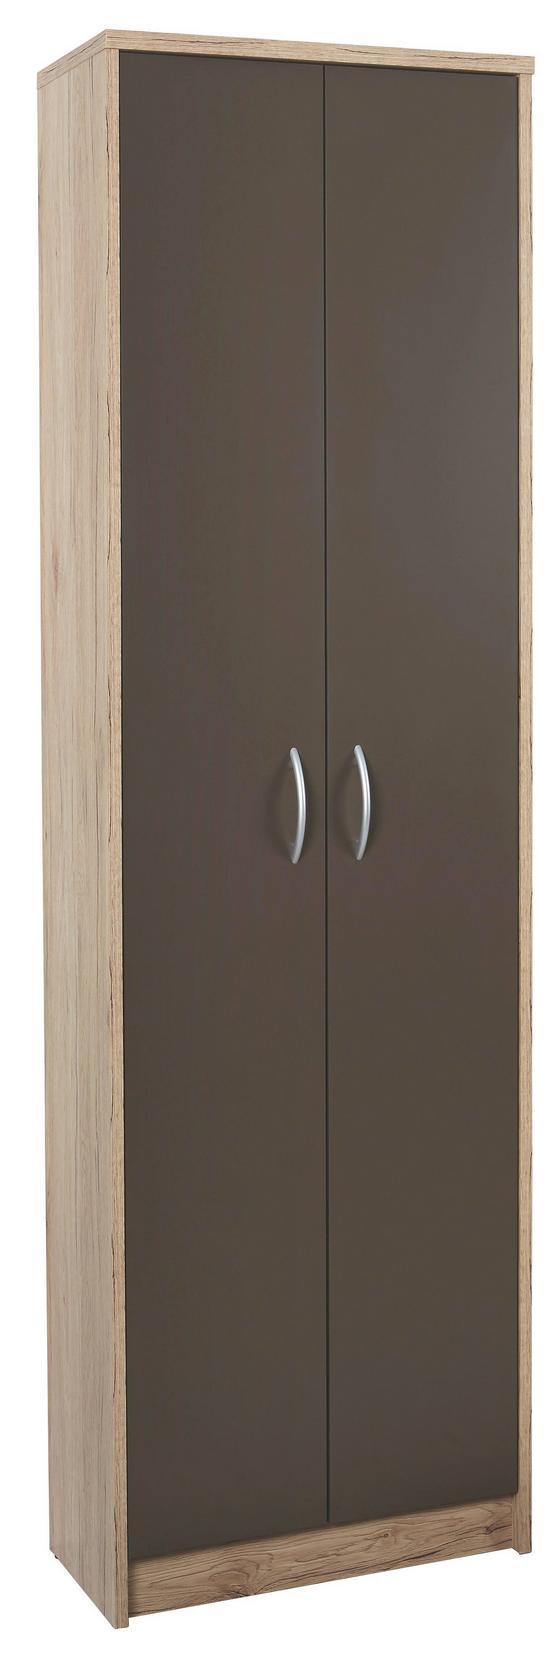 Kleiderschrank Iza - Eichefarben/Braun, KONVENTIONELL, Holzwerkstoff (55/190/26cm)